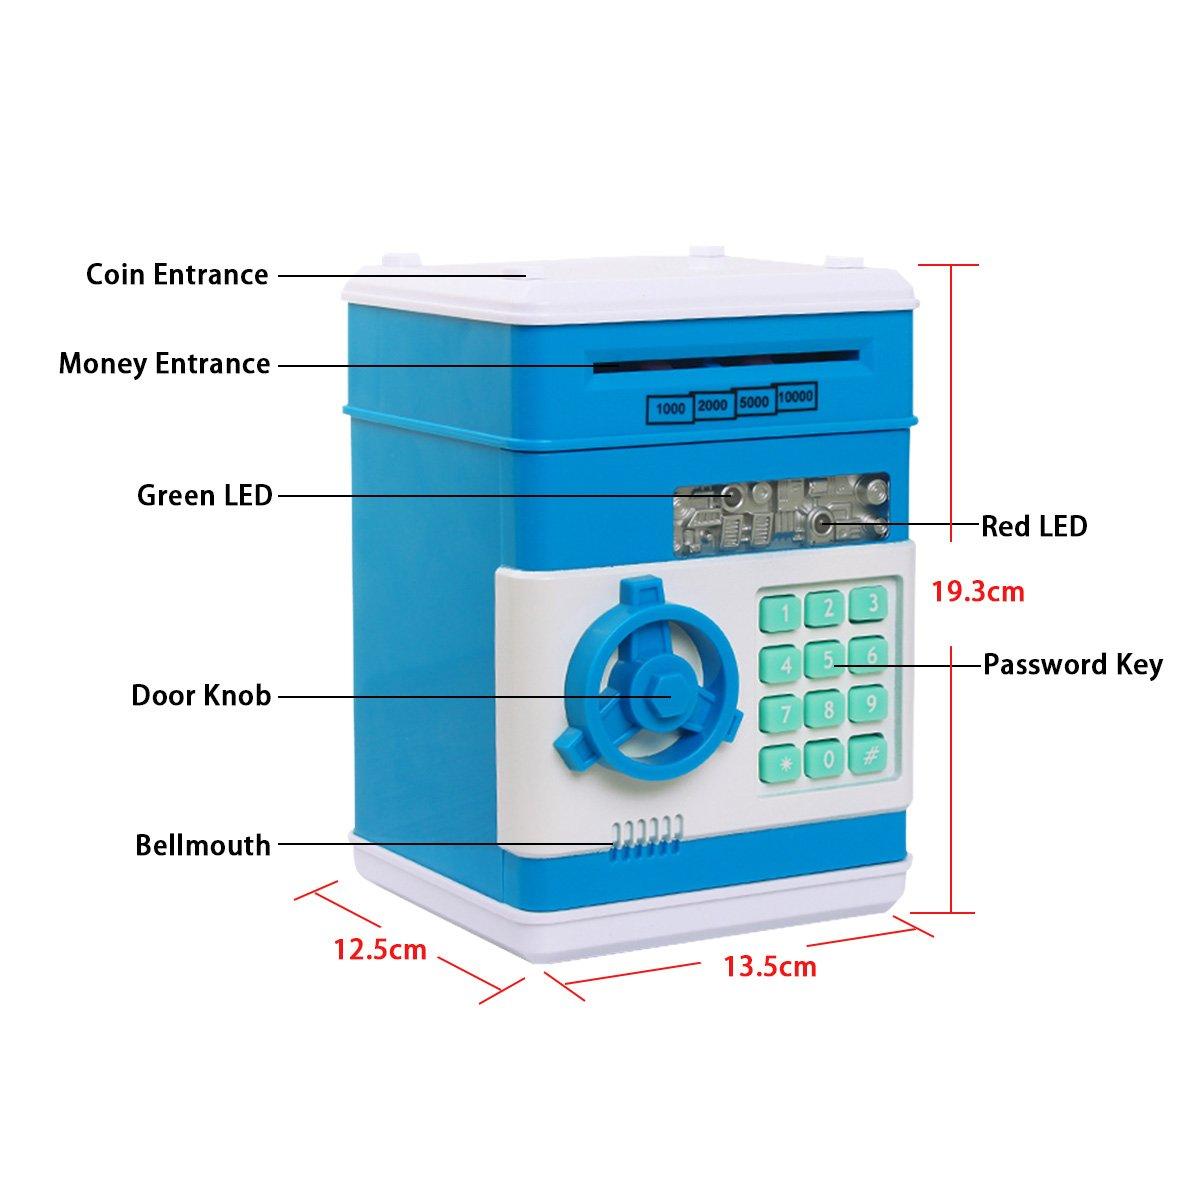 Moneta di Risparmio Scatole Blu Salvadanai i Regali dei Giocattoli Regali di Compleanno per i Bambini Mini ATM Coin Casse di Risparmio Netspower Sicurezza Salvadanaio Bancomat Digitale Elettronico Money Bank Per i Bambini